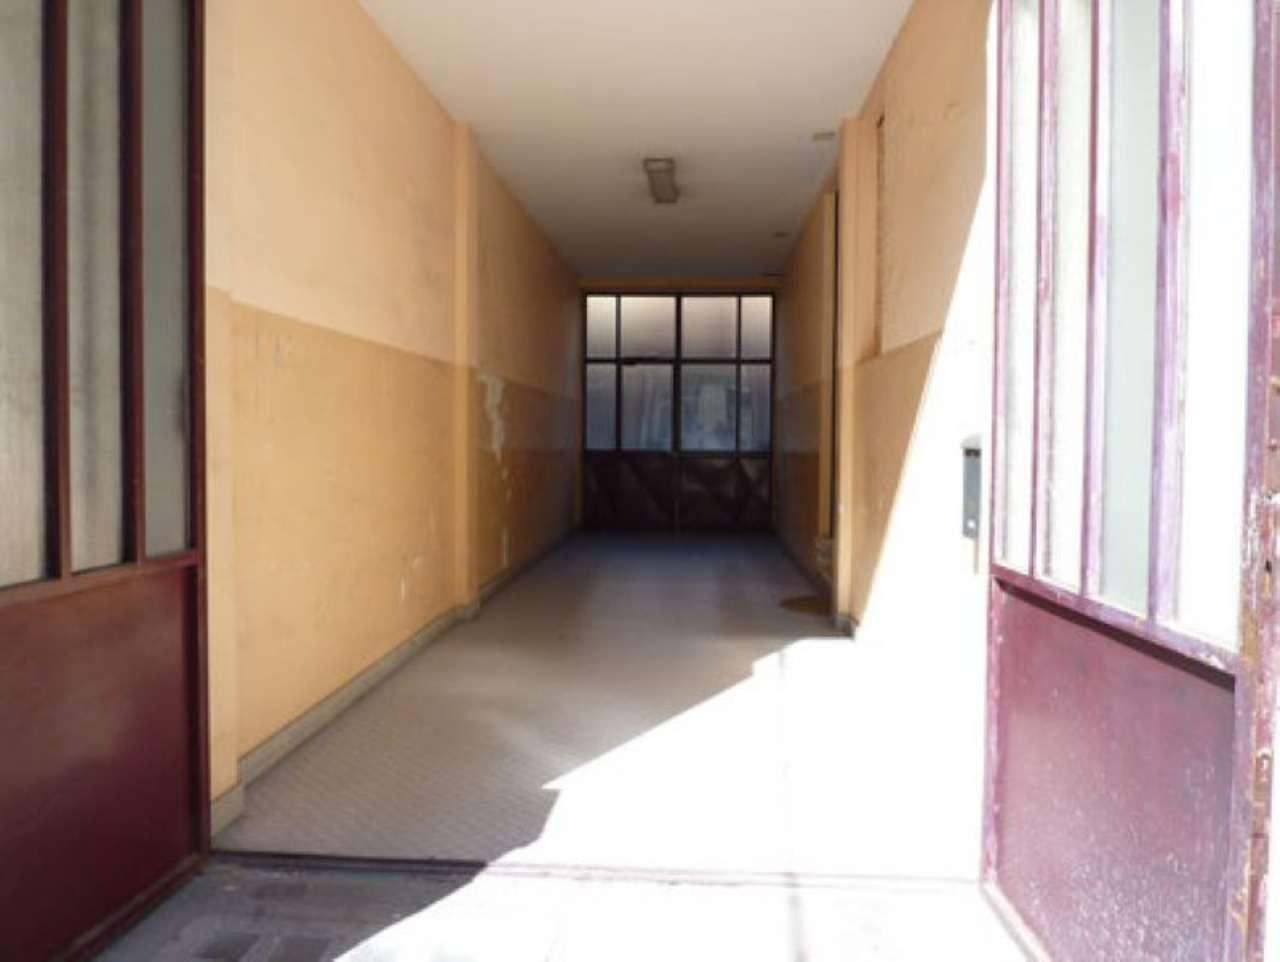 Magazzino in vendita a Torino, 1 locali, zona Zona: 15 . Pozzo Strada, Parella, prezzo € 29.000 | Cambio Casa.it